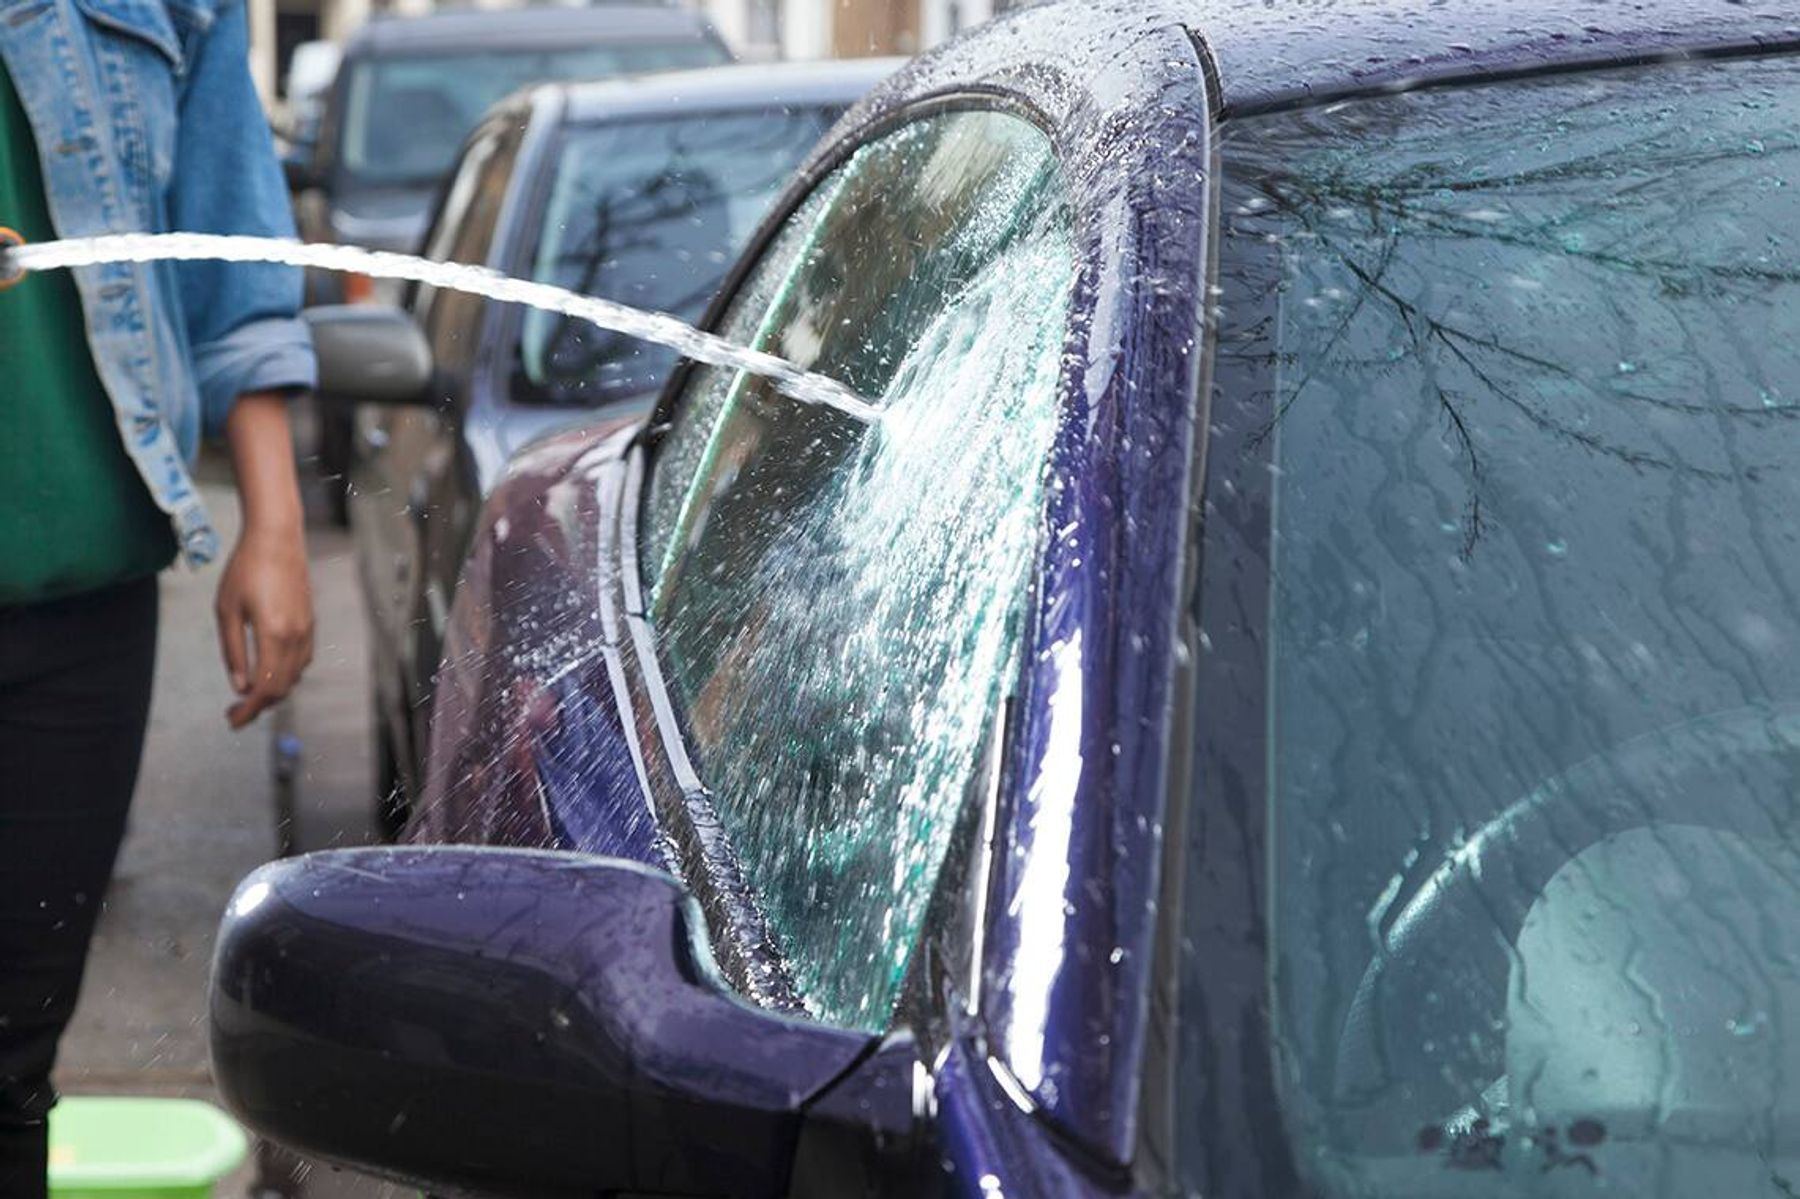 samochod i pojazd  jak usunac naklejke z auta